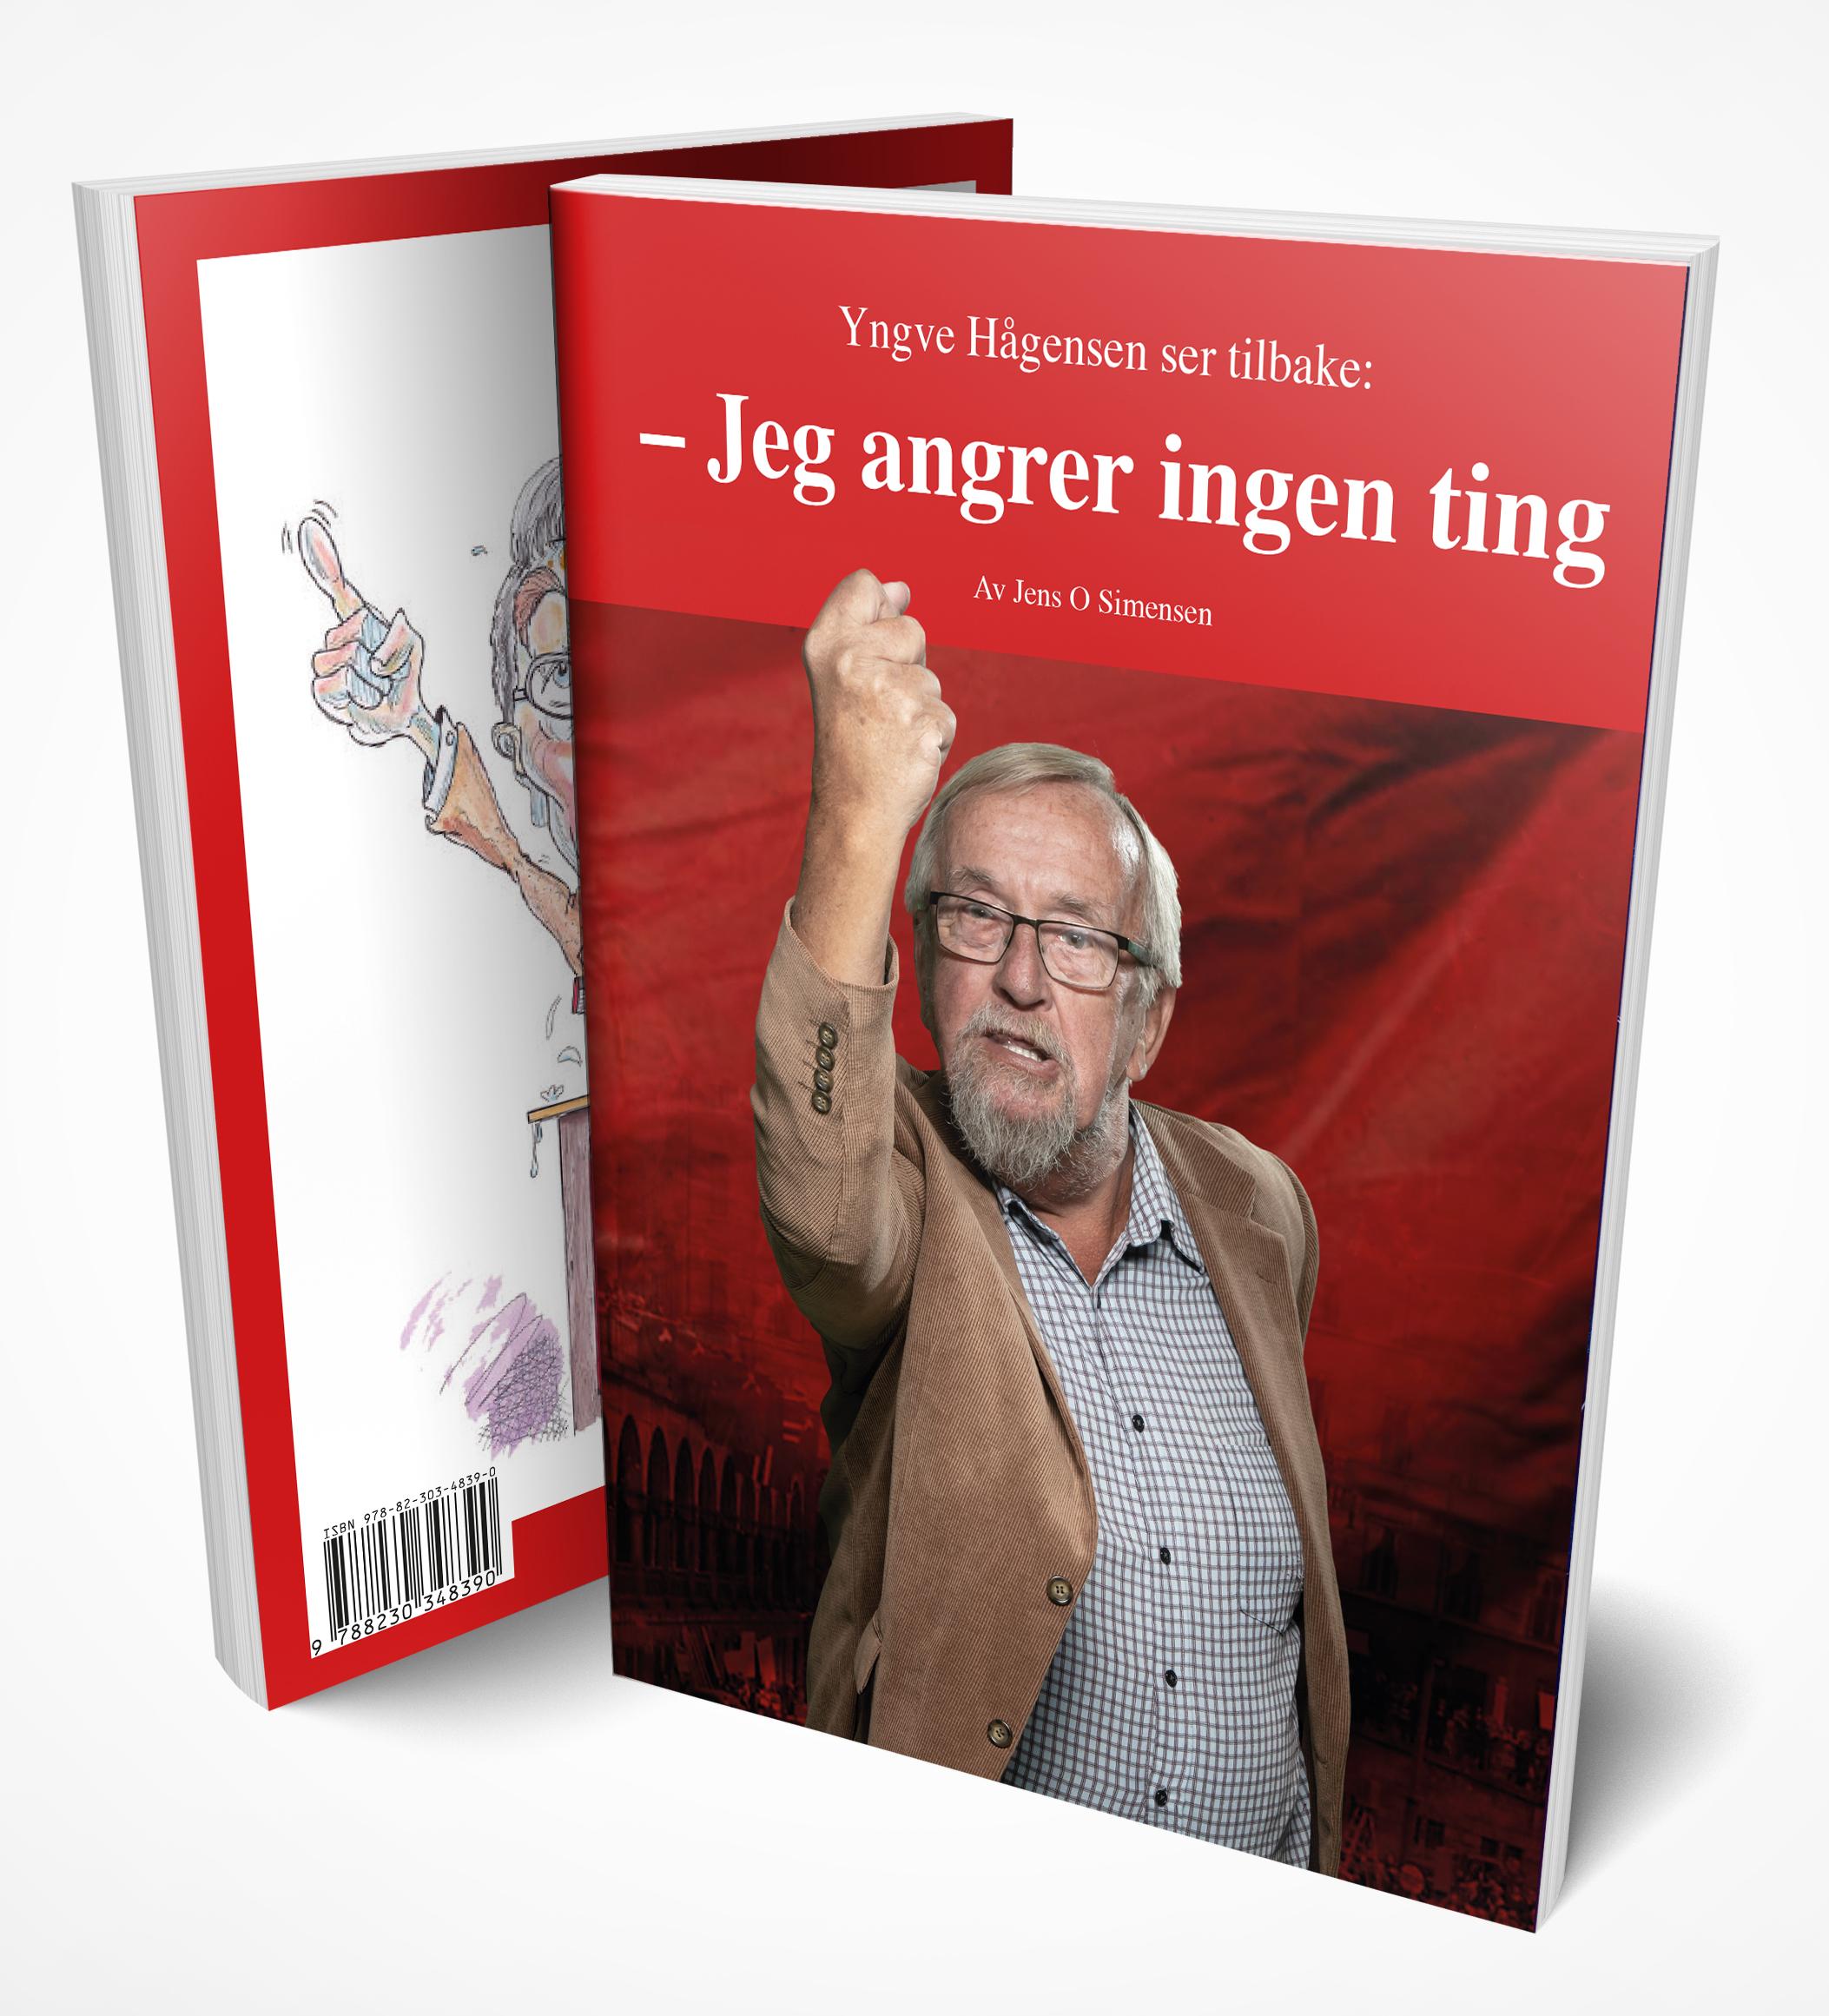 Yngve Hågensen ser tilbake – Jeg angrer ingen ting av Jens O. Simensen